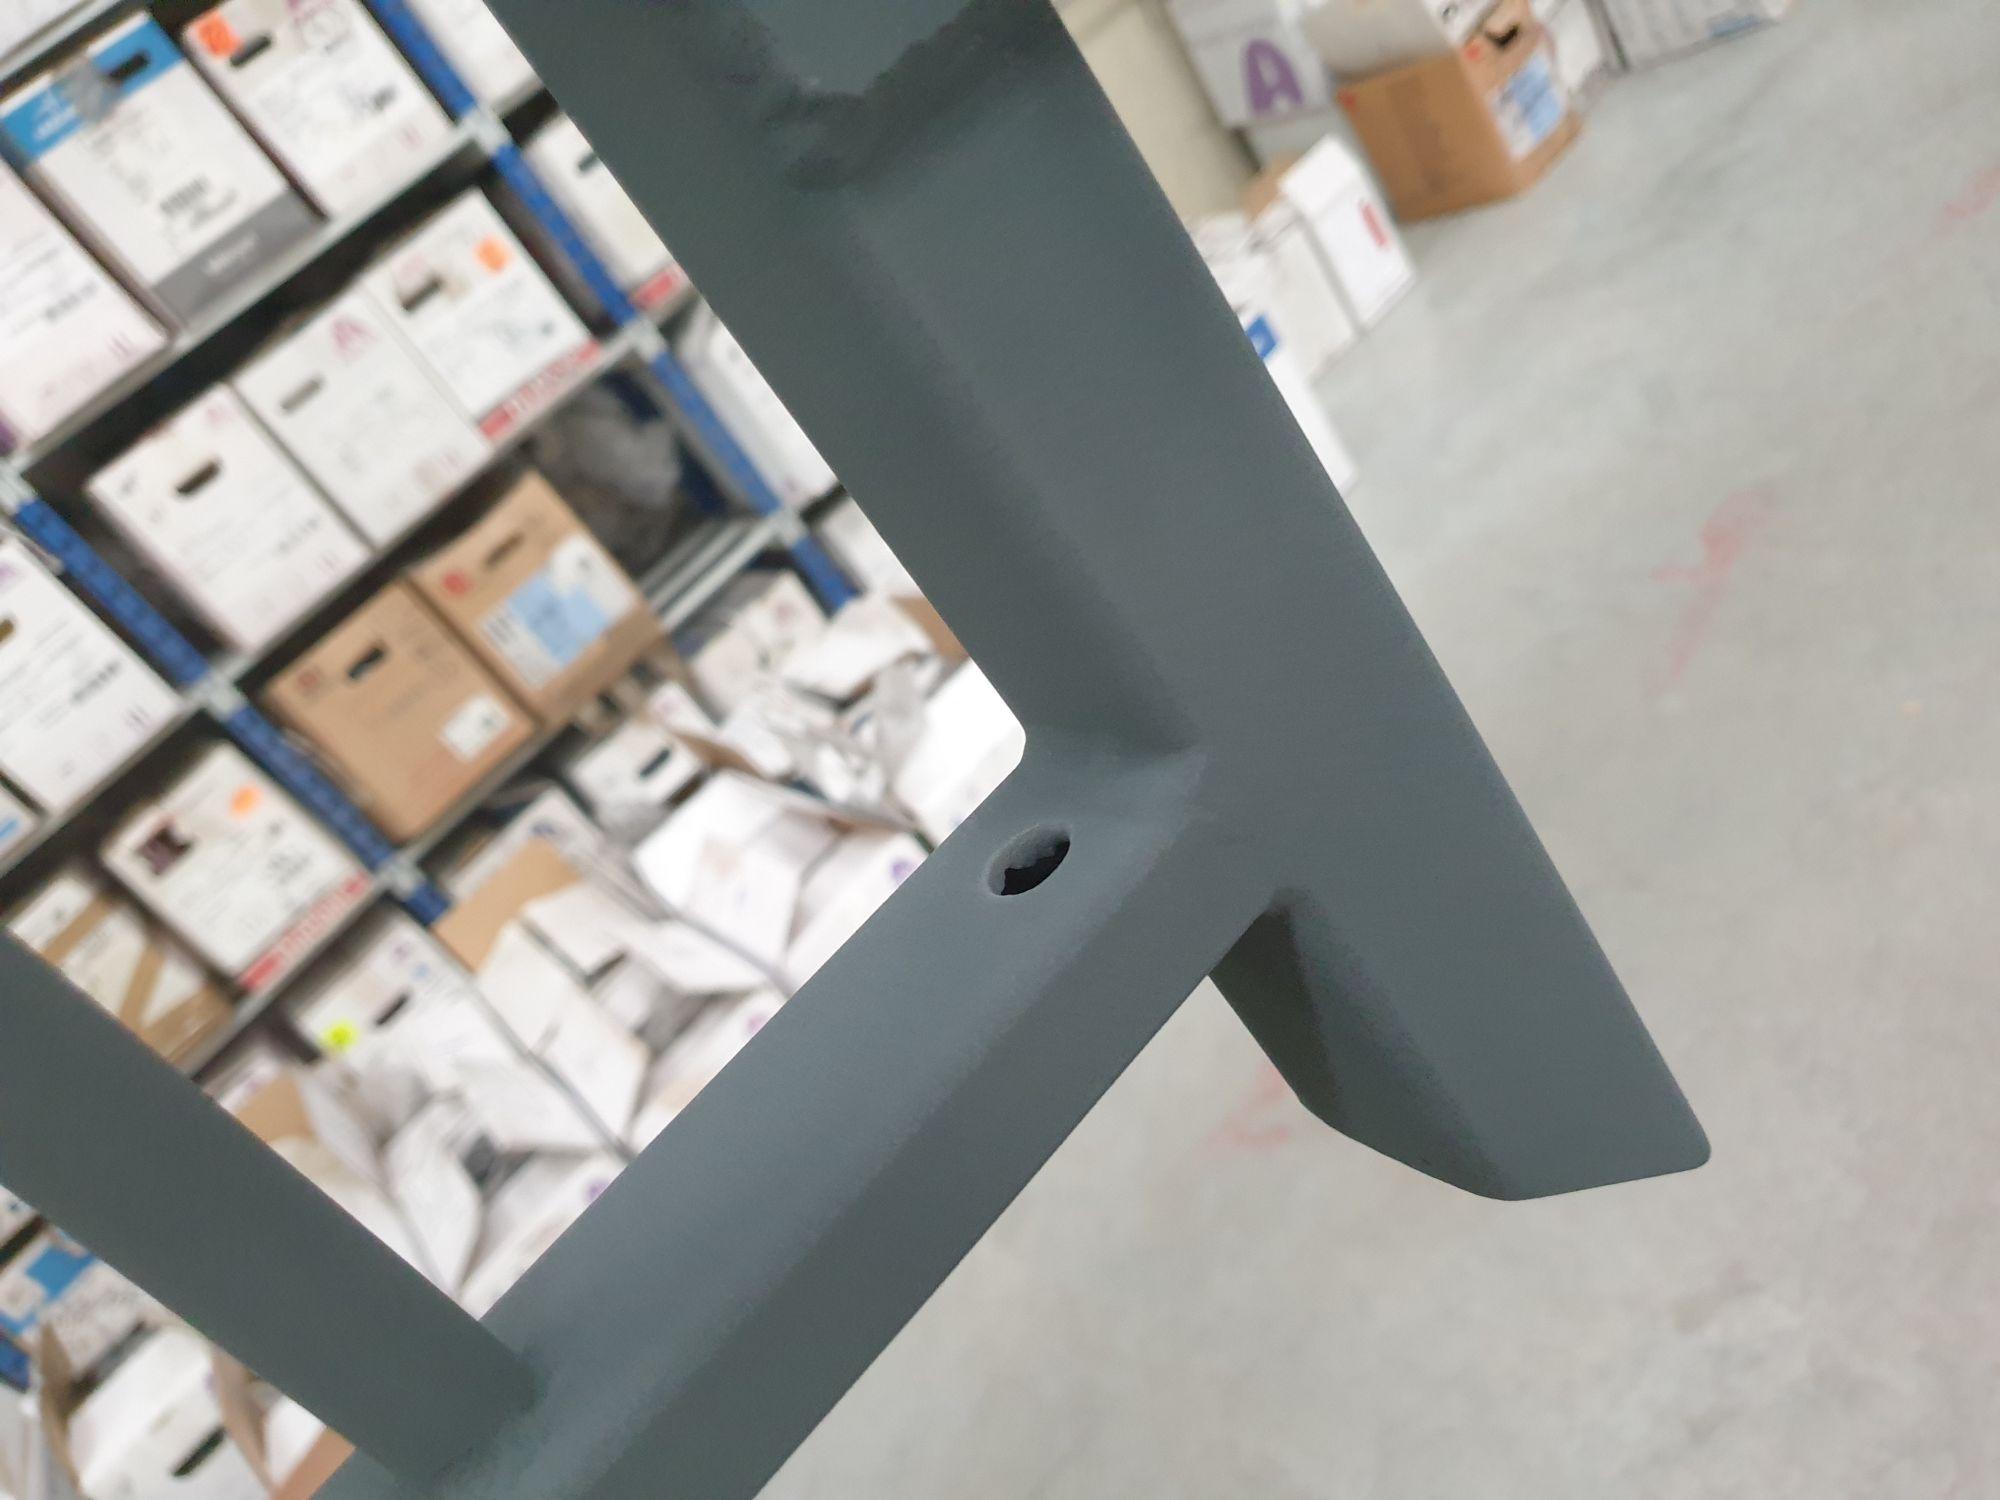 Rénovation et traitement anti corrosion de Portails, garde-corps, grilles 79, 17, 85